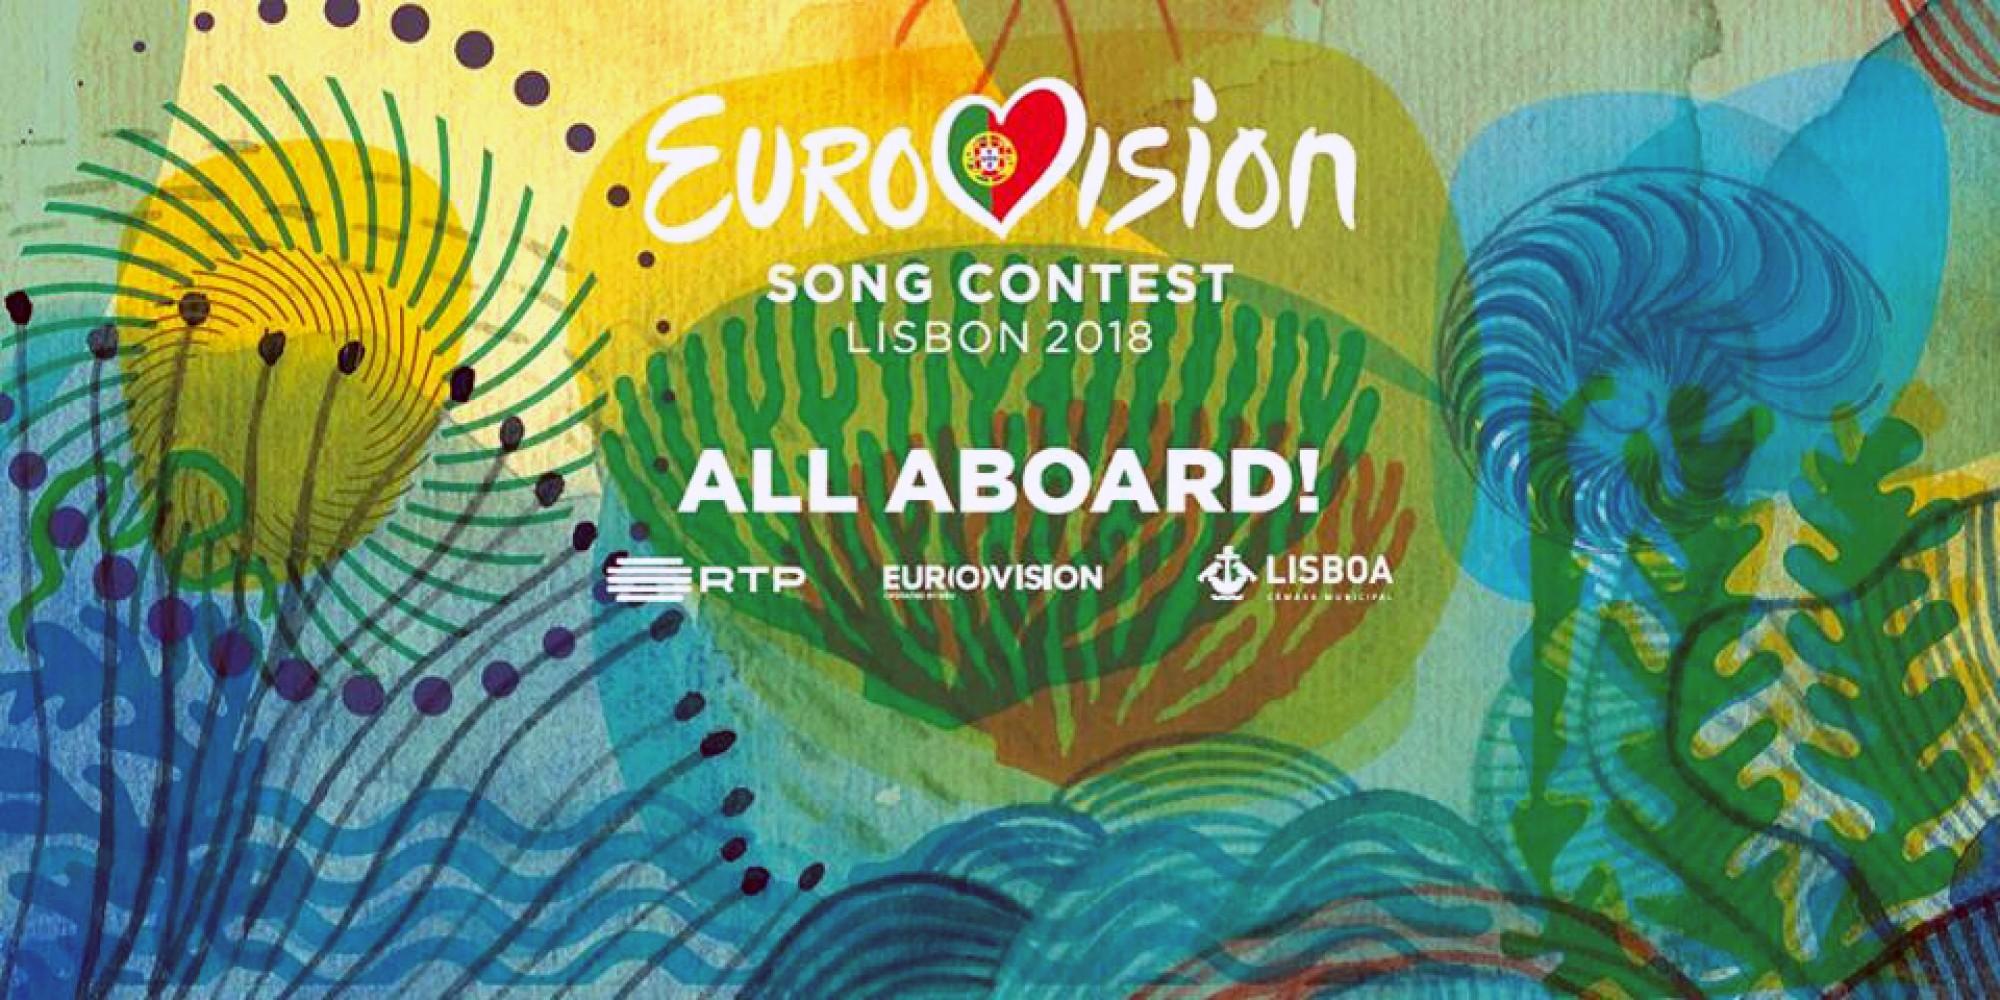 _10112017_023243_wsi-imageoptim-eurovision-logo-2018_grande.jpg